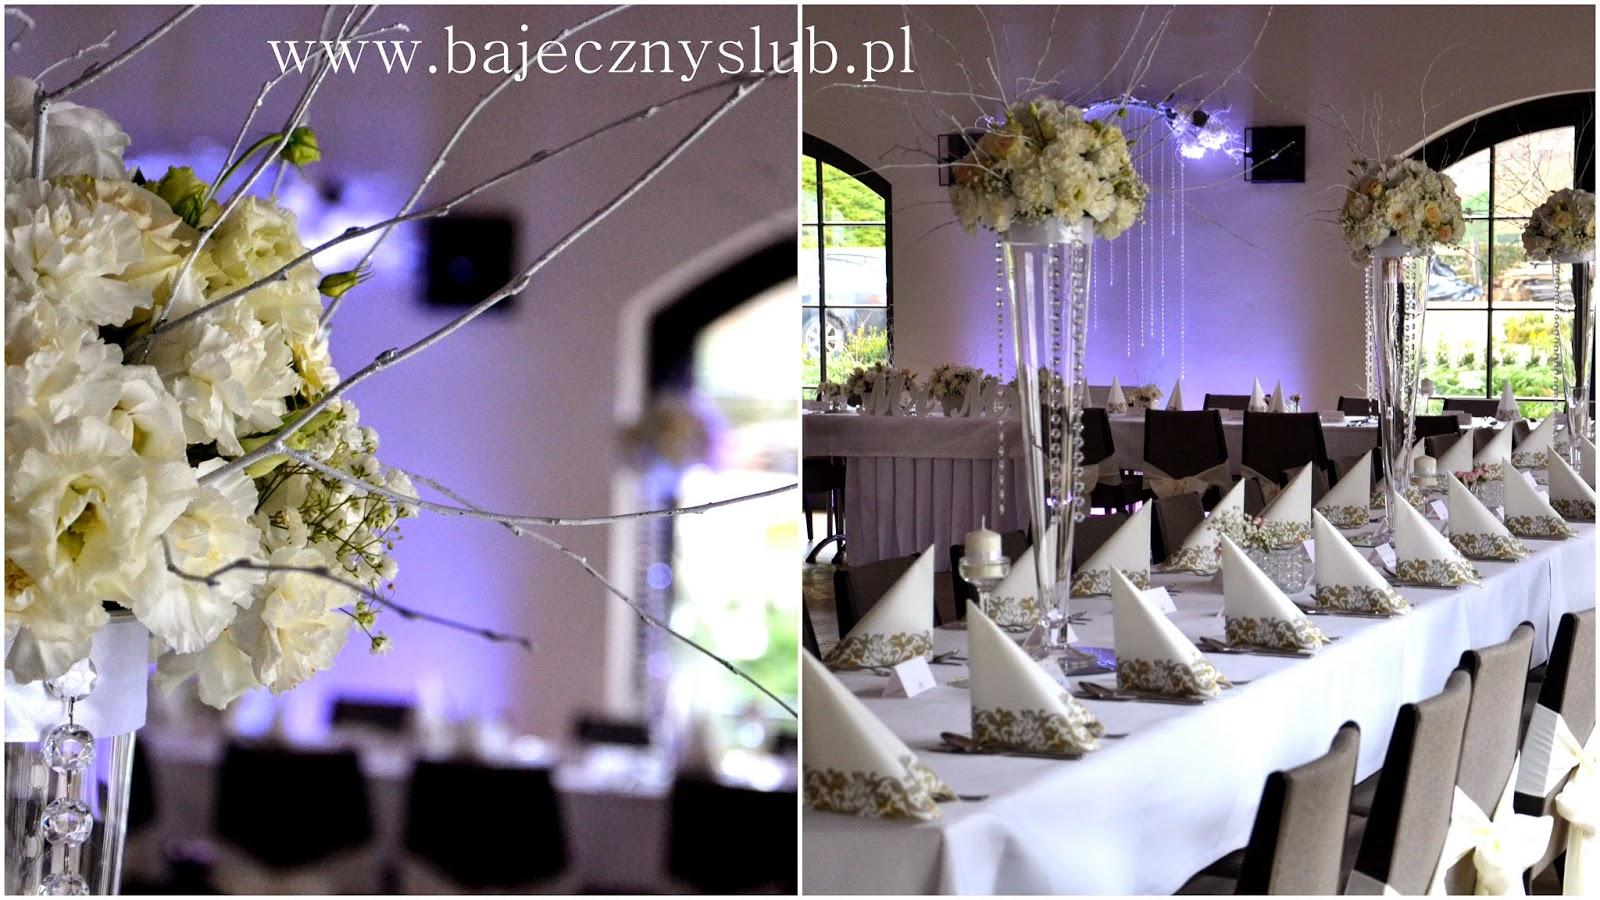 Bajeczny ślub świdnica Dekoracje Weselne Zimowy ślub Pałac